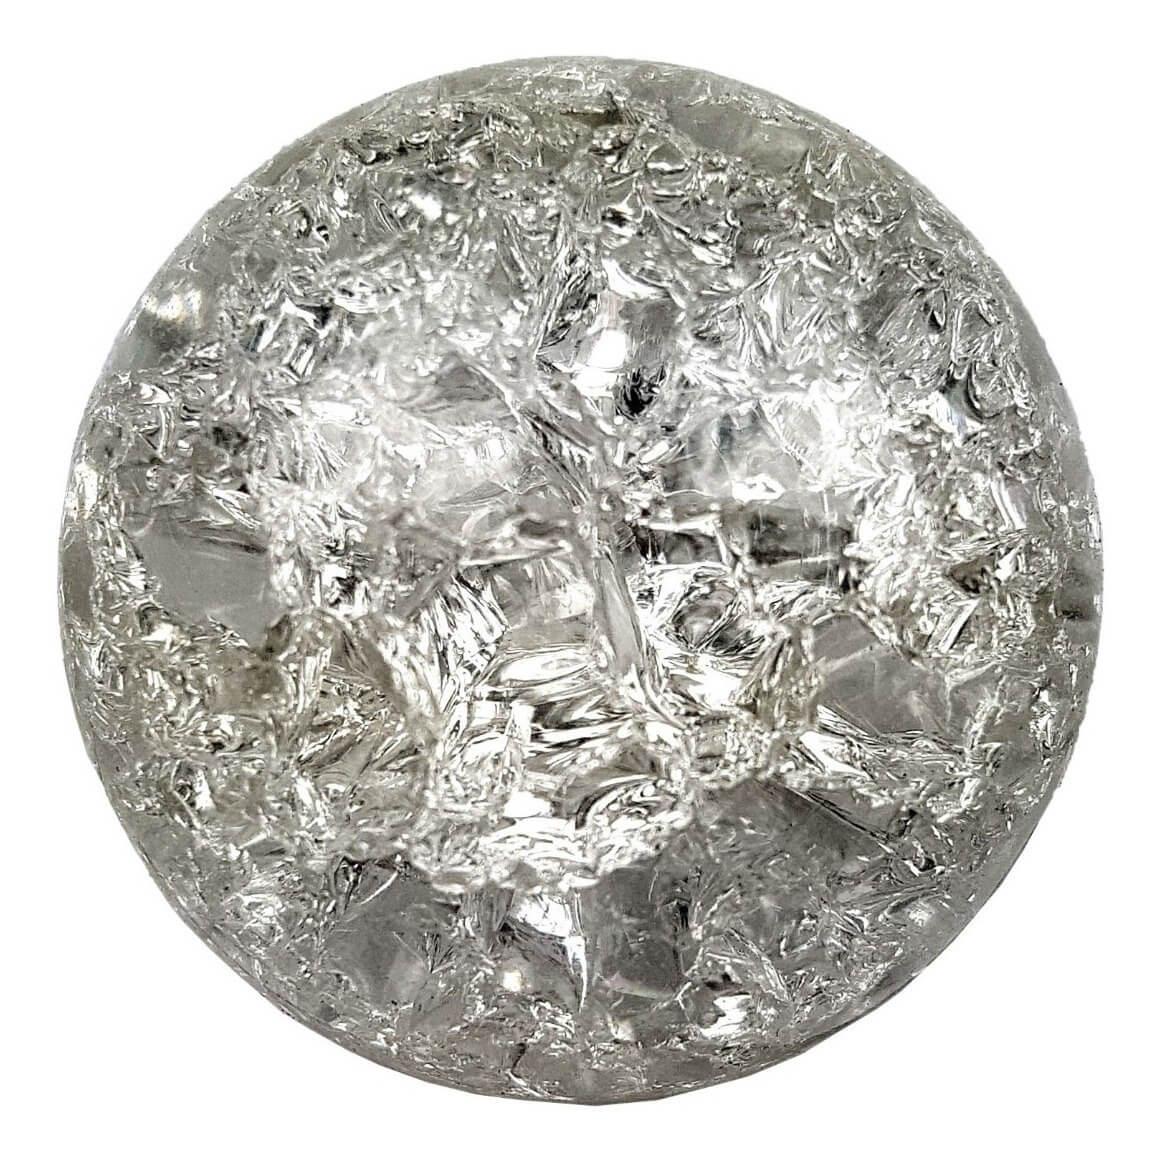 Bola De Vidro esfera Para Fonte De Água + Suporte de Brinde.